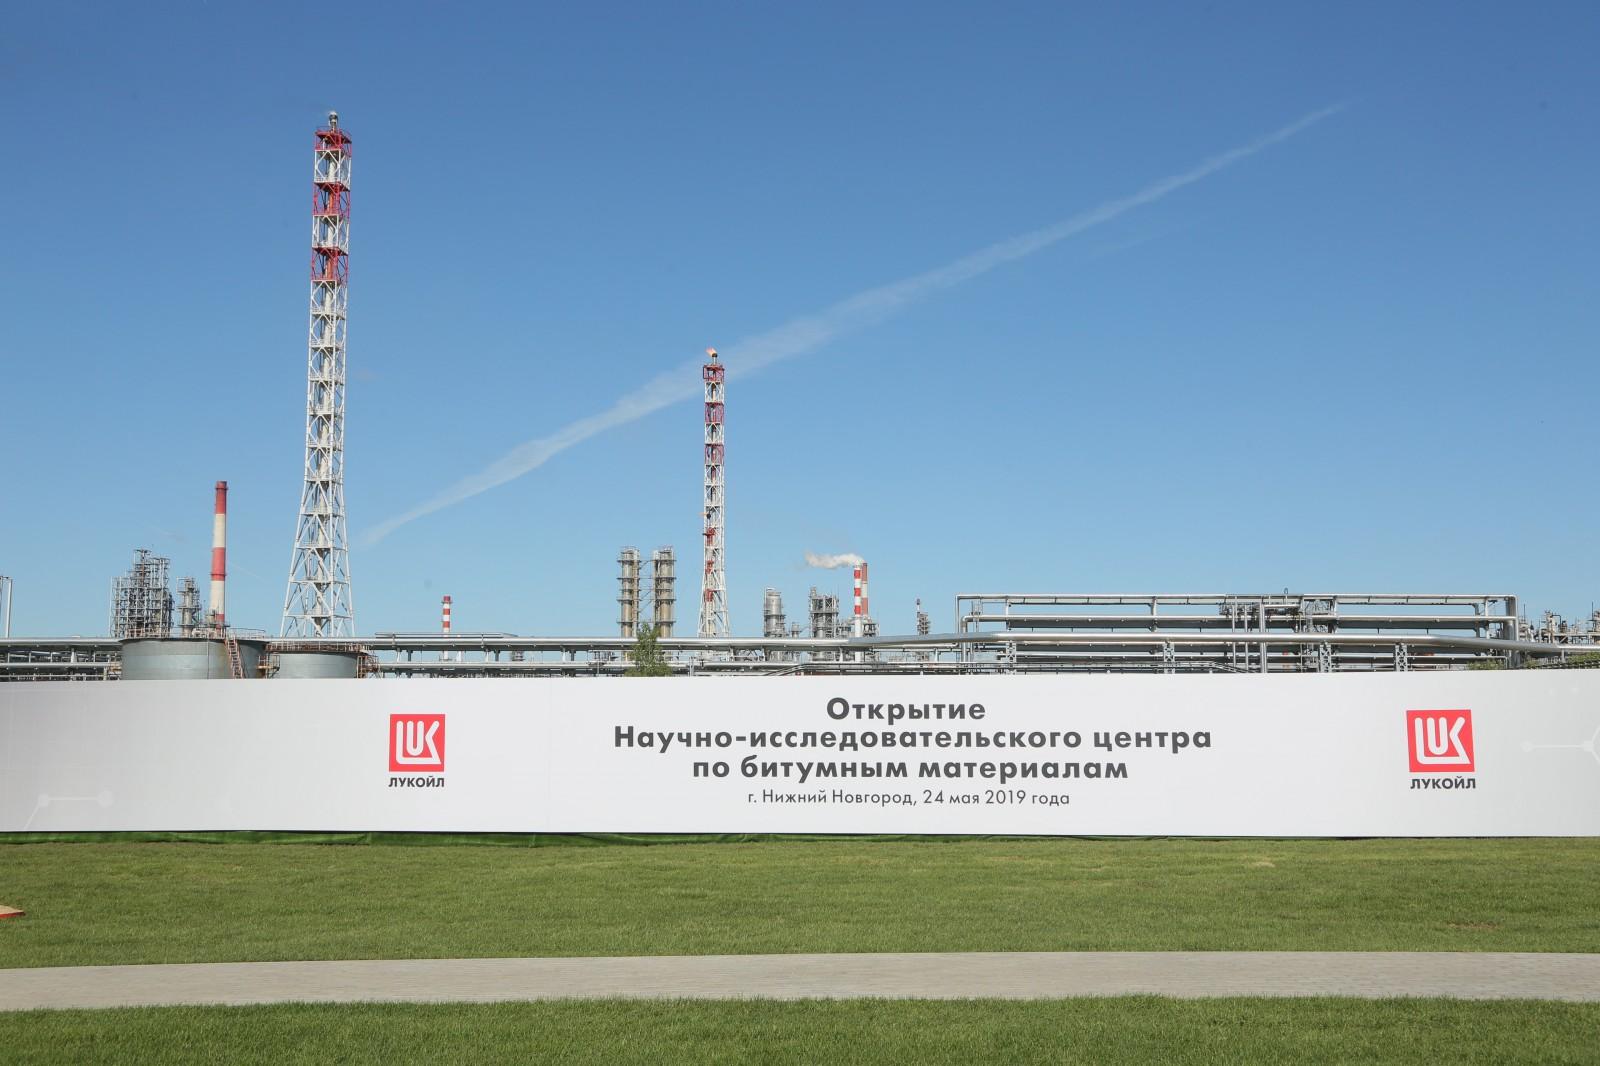 Улучшить качество российских дорог поможет научно-исследовательский центр по битумным материалам ПАО Лукойл